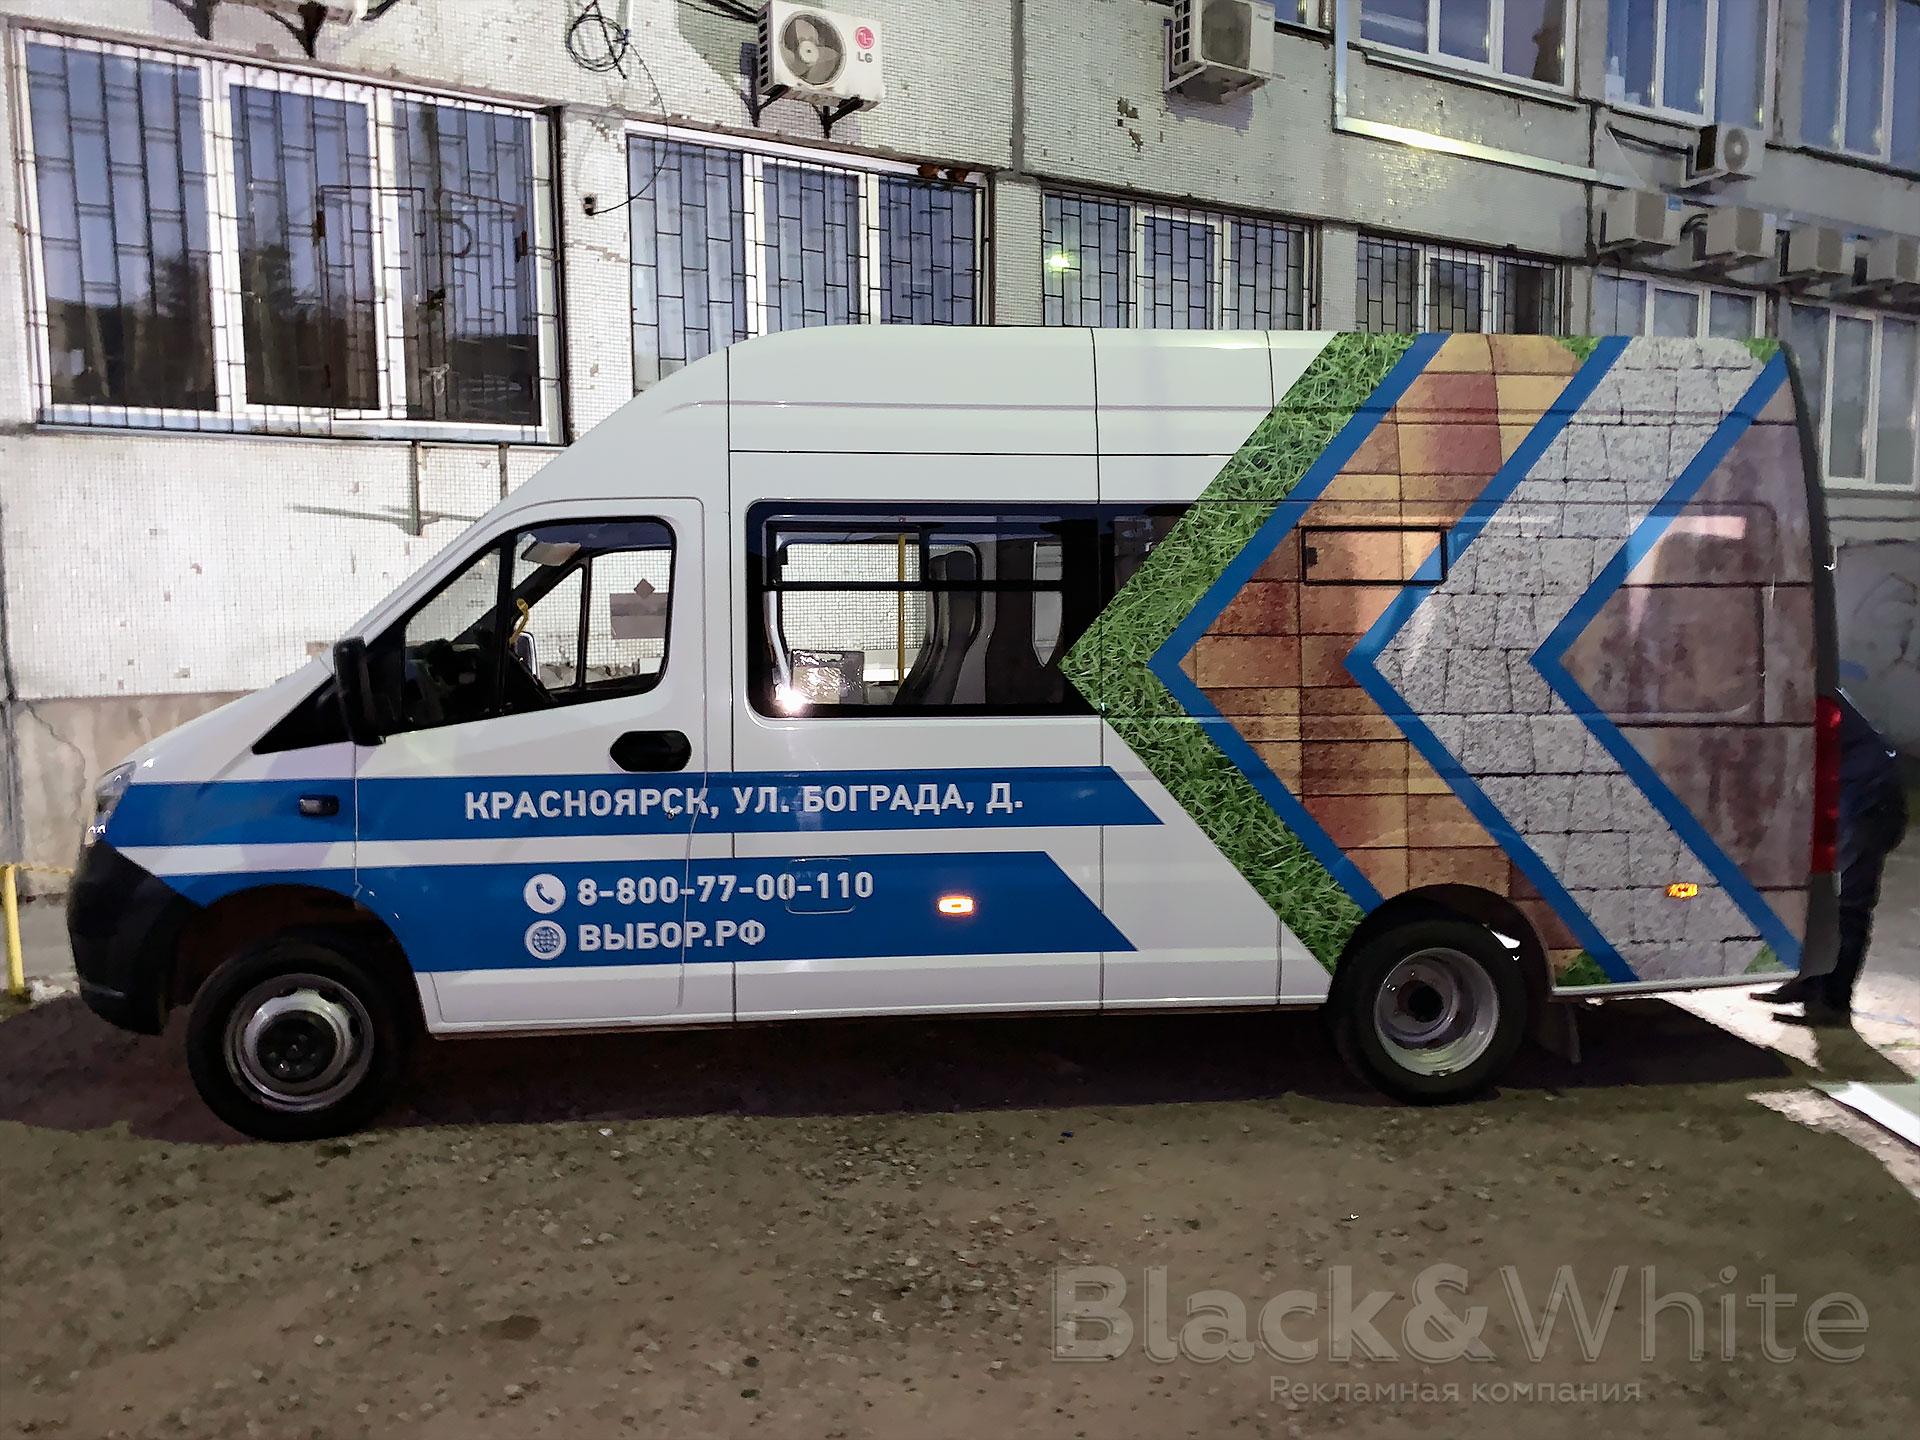 Брендирование-коммерческого-транспорта-красноярск.jpg